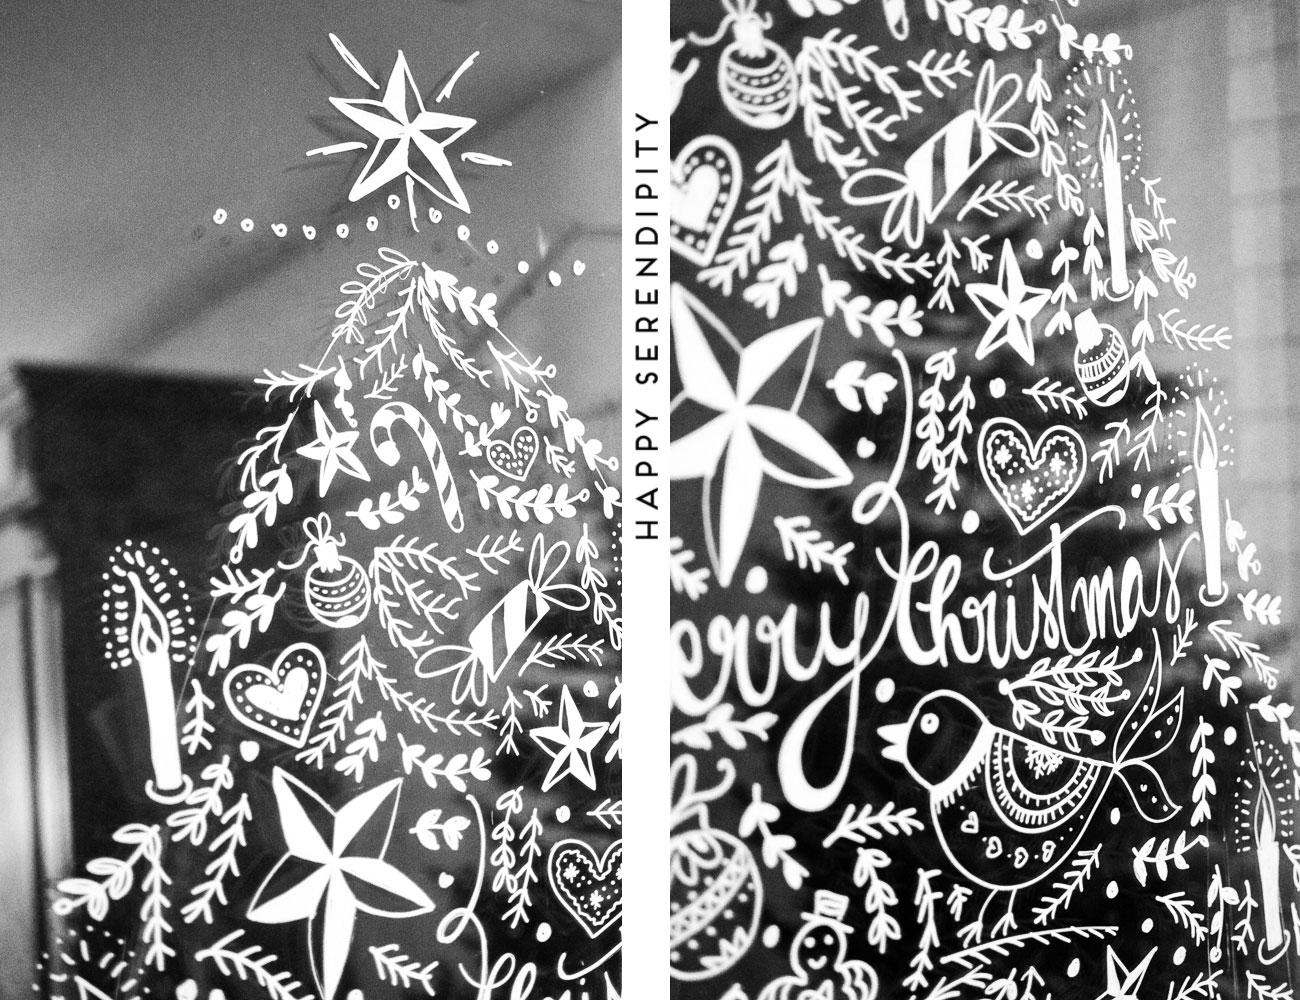 diy weihnachtliche fensterdeko mit kreidemarker, jeder kann malen, step-by-step tutorial gefunden auf happyserendipity.com